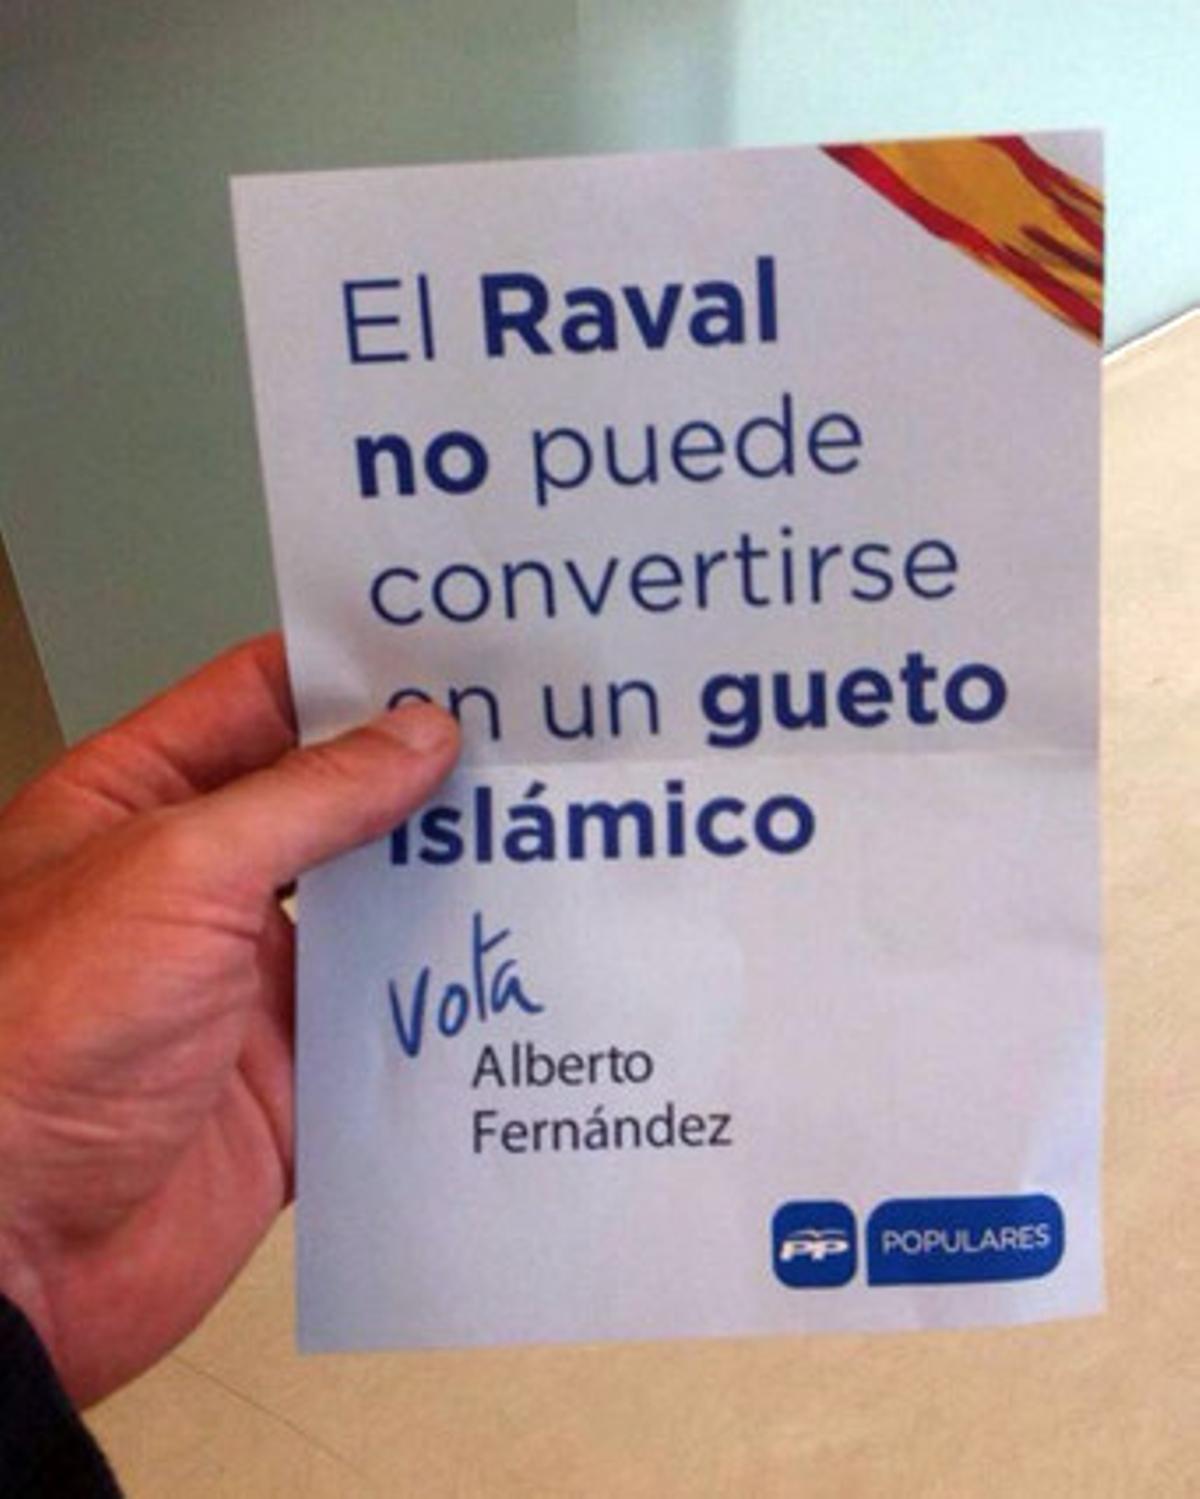 Cartel del PP en el que los conservadores advierten de que el Raval se ha convertido en un gueto islámico.